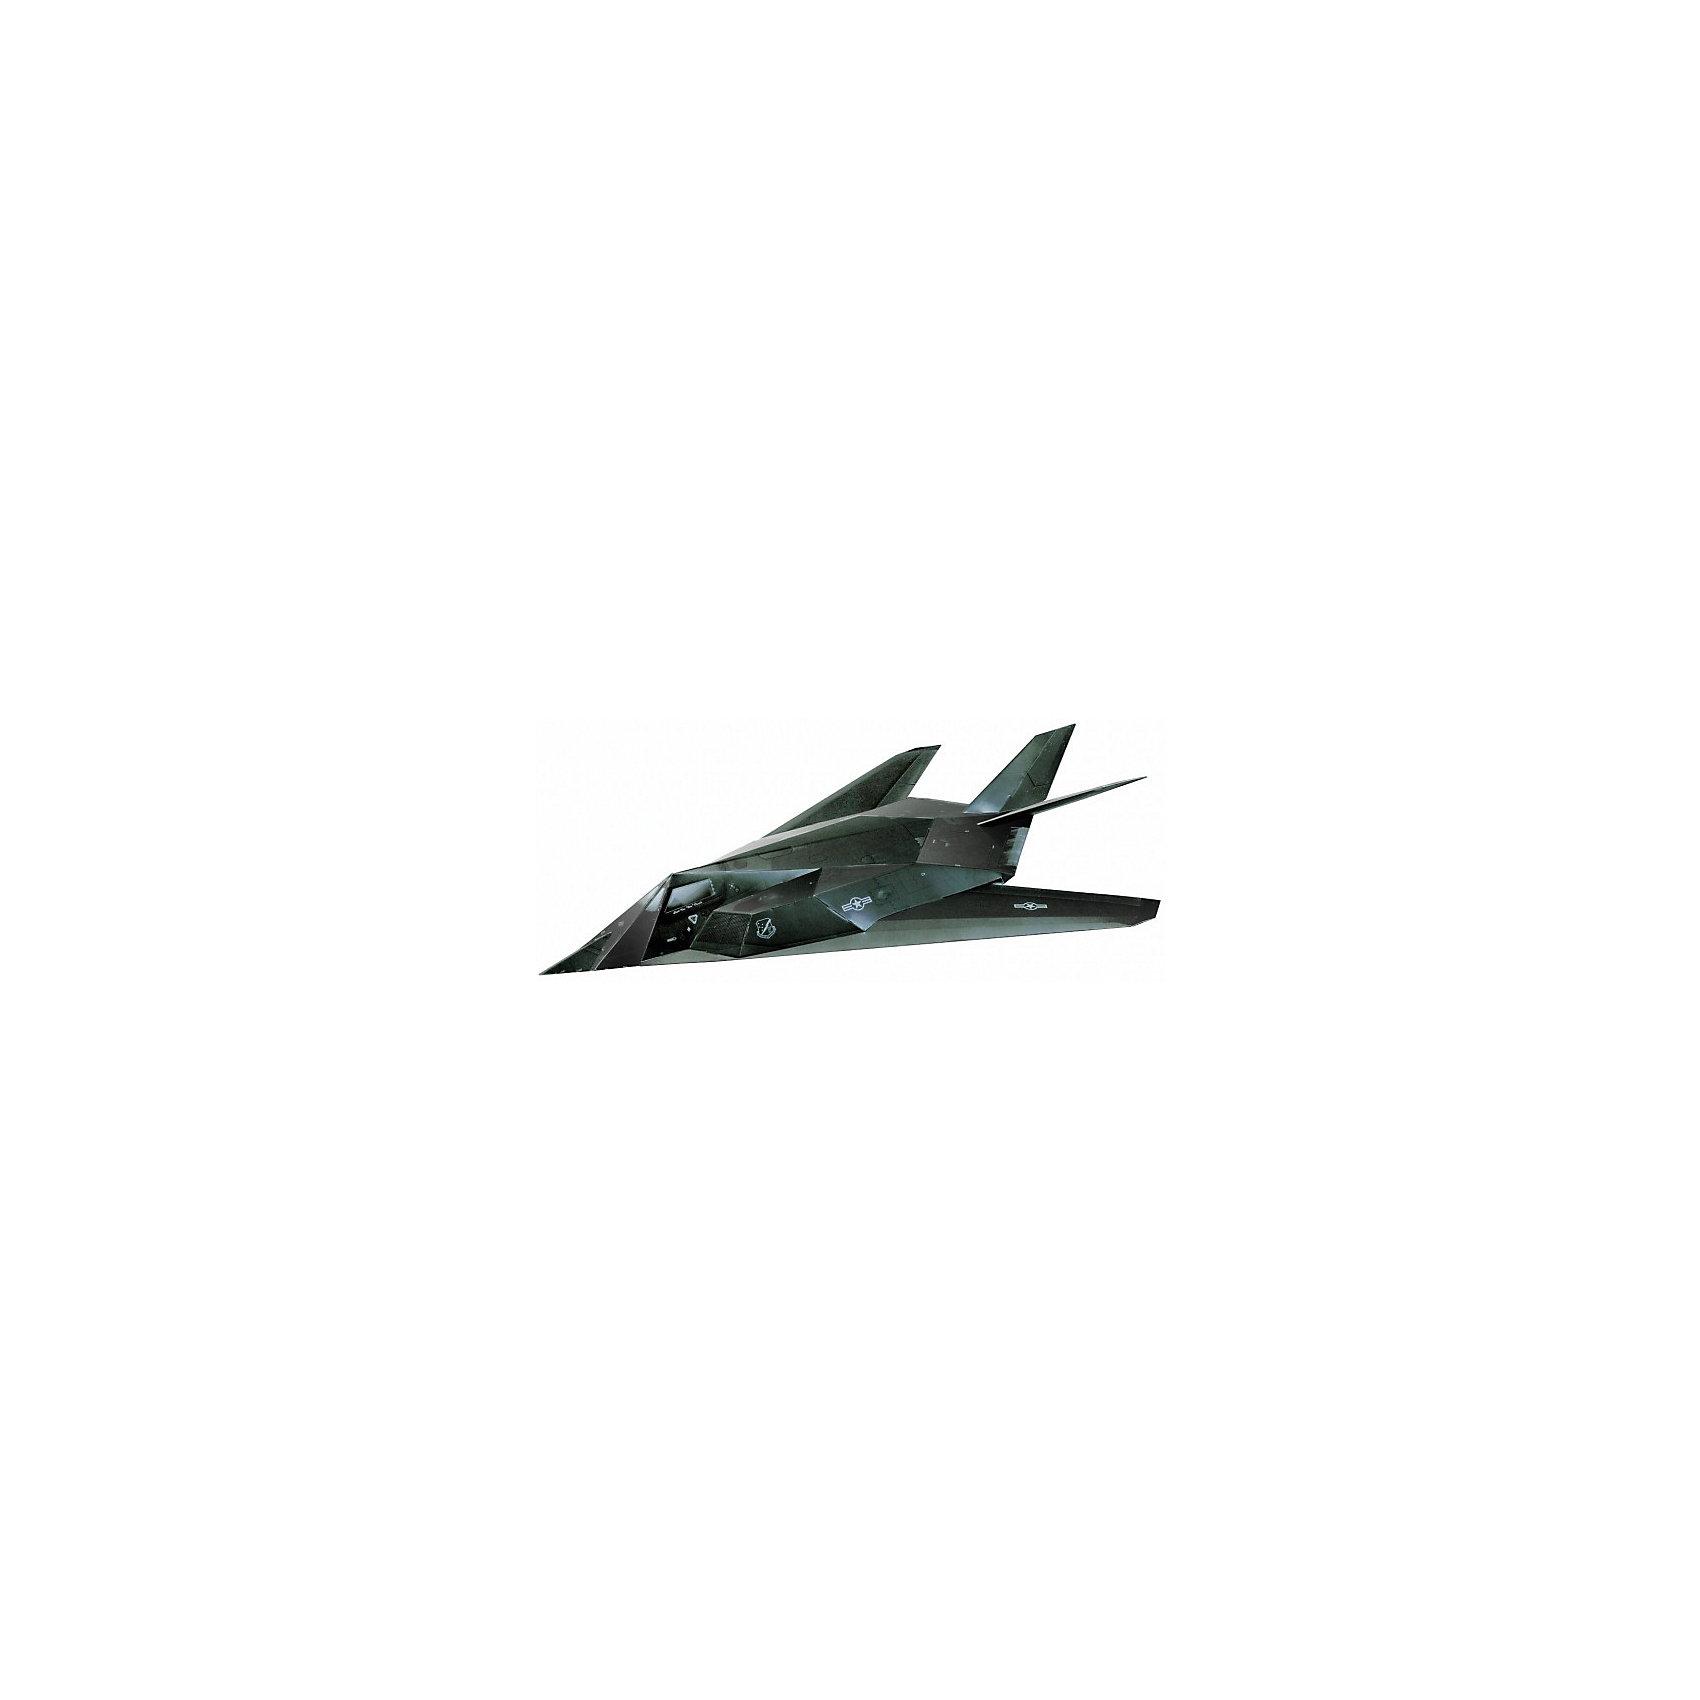 Сборная модель Малозаметный ударный самолет F-117Модели из картона и бумаги<br>Набор Малозаметный ударный самолет F-117 позволит создать боевой самолет, выполненный из картона в масштабе 1:72. Высокая степень детализации и реалистичные детали делают сборку конструктора очень интересным занятием. Принцип соединения деталей запатентован: все соединения разработаны и рассчитаны с такой точностью, что с правильно собранной игрушкой можно играть, как с обычной. Конструирование увлекательный и полезный процесс, развивающий мелкую моторику, внимание, усидчивость, пространственное мышление и фантазию. <br>Все сборные модели «Умная Бумага» разрабатываются на основе чертежей и фотографий оригинала. В их оформлении широко используются современные способы обработки бумаги для передачи рельефности поверхности, а для имитации хромированных и золоченых элементов применяется тиснение фольгой.<br><br>Дополнительная информация:<br><br>- Материал: картон.<br>- 20 деталей. <br>- Масштаб: 1:72.<br>- Размер упаковки: 22х34 см.<br><br>Сборную модель Малозаметный ударный самолет F-117 можно купить в нашем магазине.<br><br>Ширина мм: 214<br>Глубина мм: 337<br>Высота мм: 3<br>Вес г: 130<br>Возраст от месяцев: 72<br>Возраст до месяцев: 168<br>Пол: Мужской<br>Возраст: Детский<br>SKU: 4697733